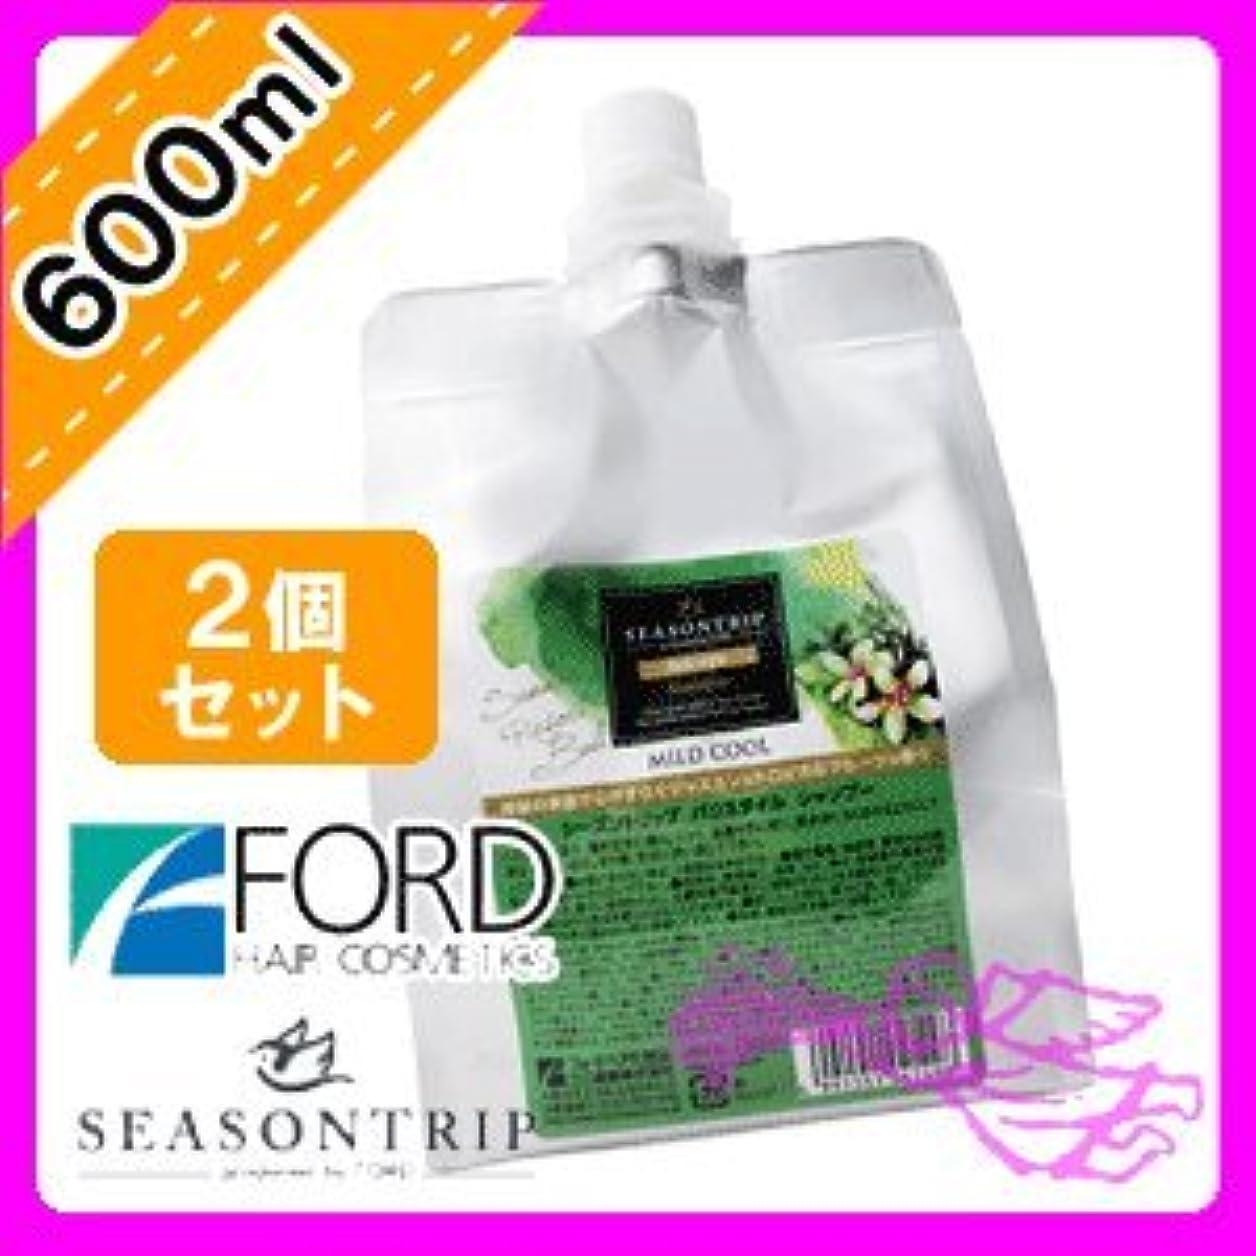 パドル熱望する意図的フォード シーズントリップ バリスタイル シャンプー 600mL 詰め替え用 ×2個 セット